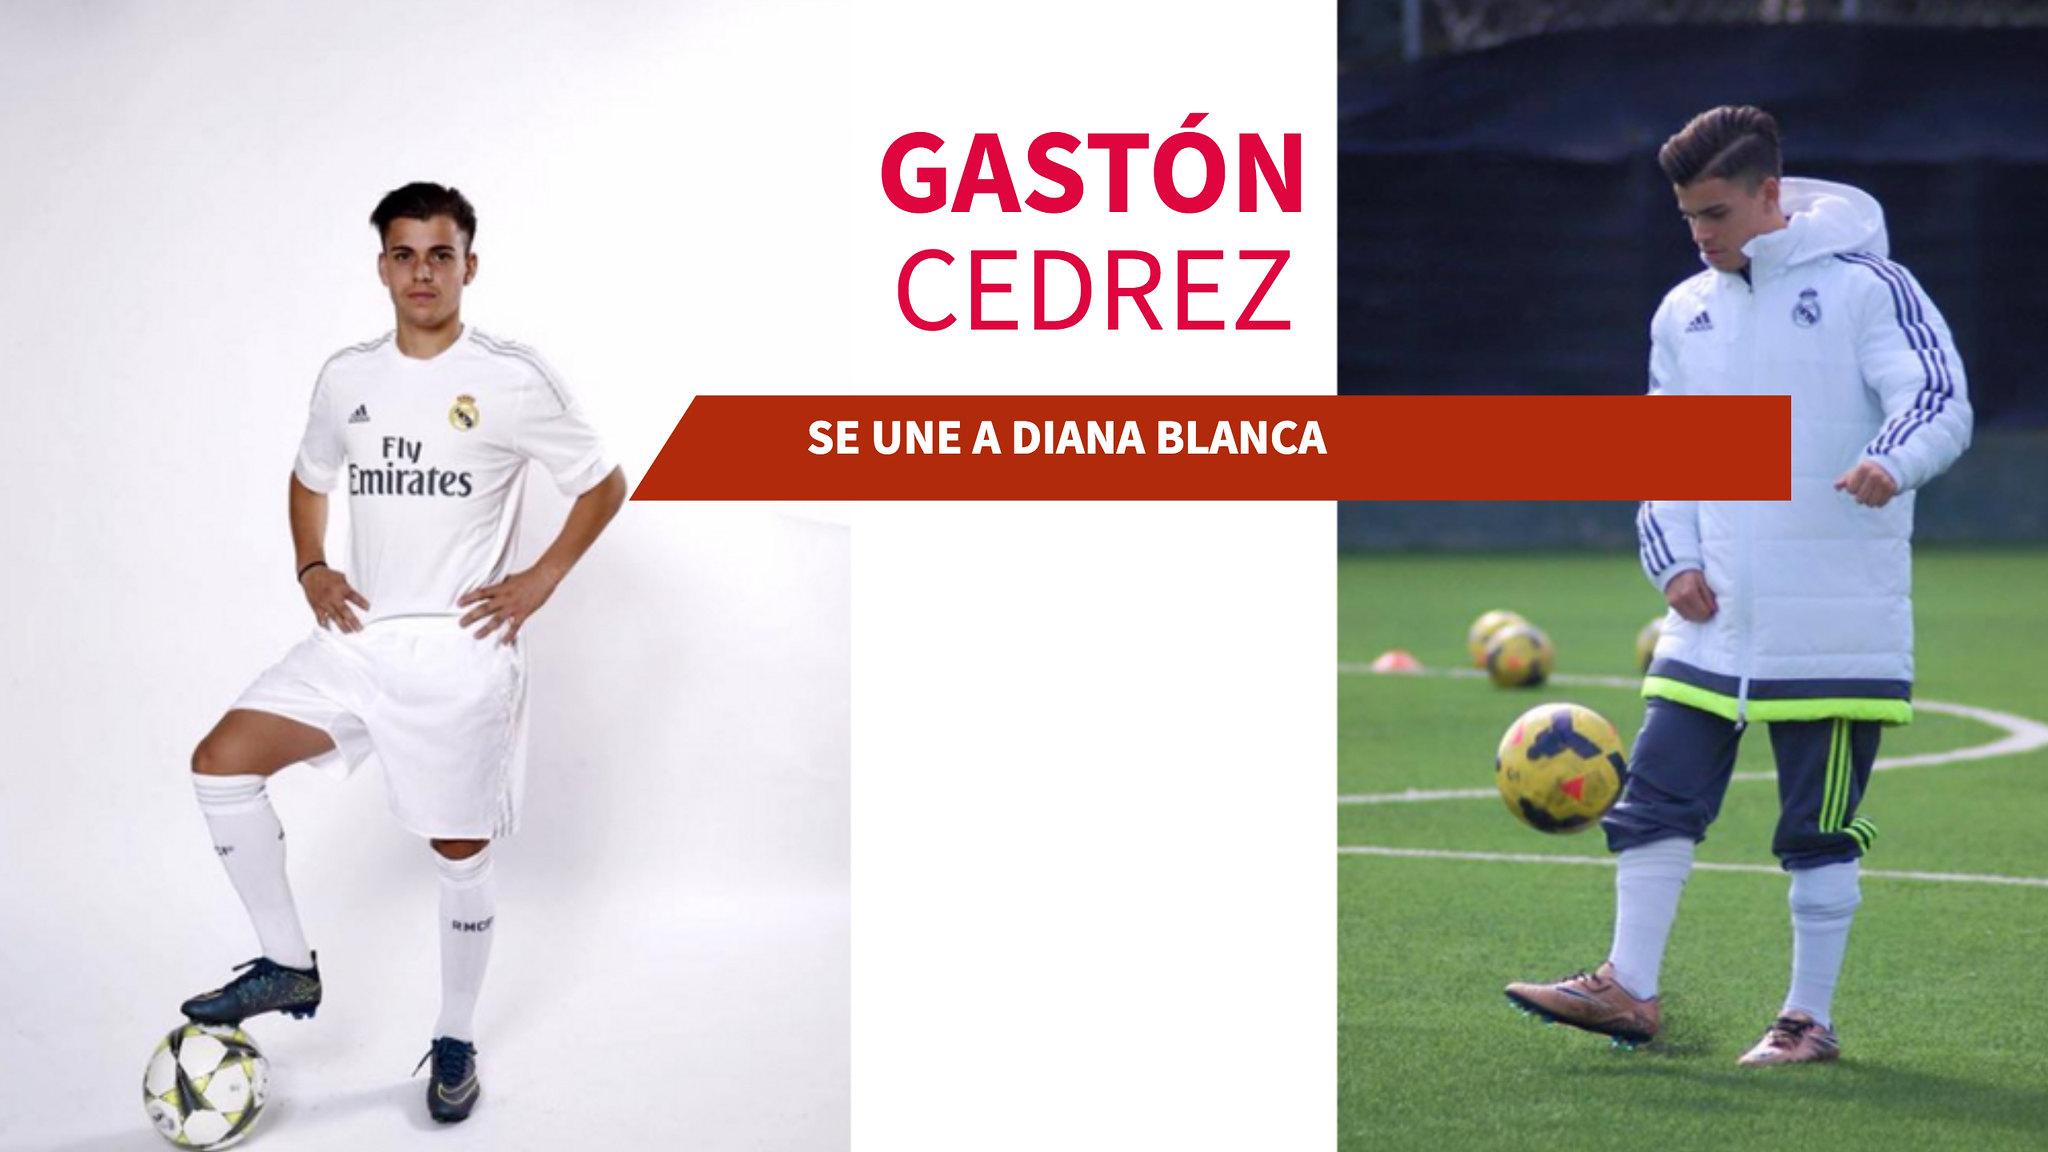 GastónC